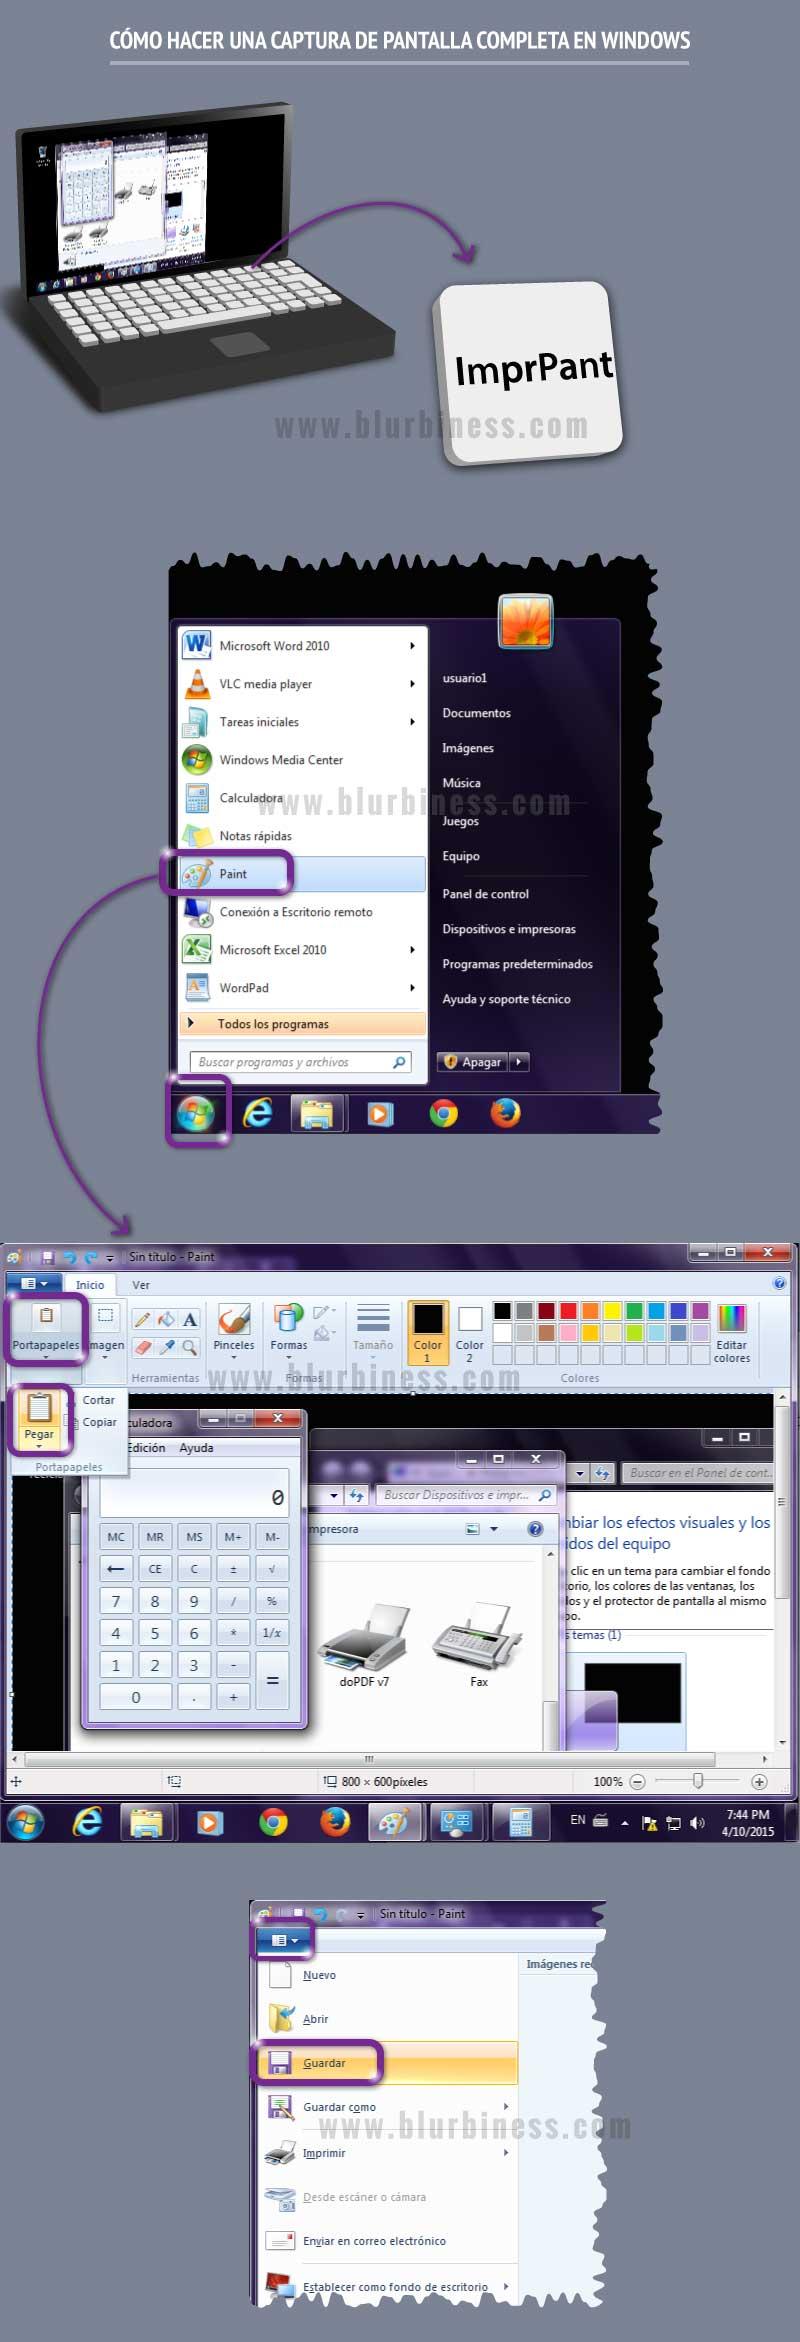 Cómo hacer una captura de pantalla completa en Windows